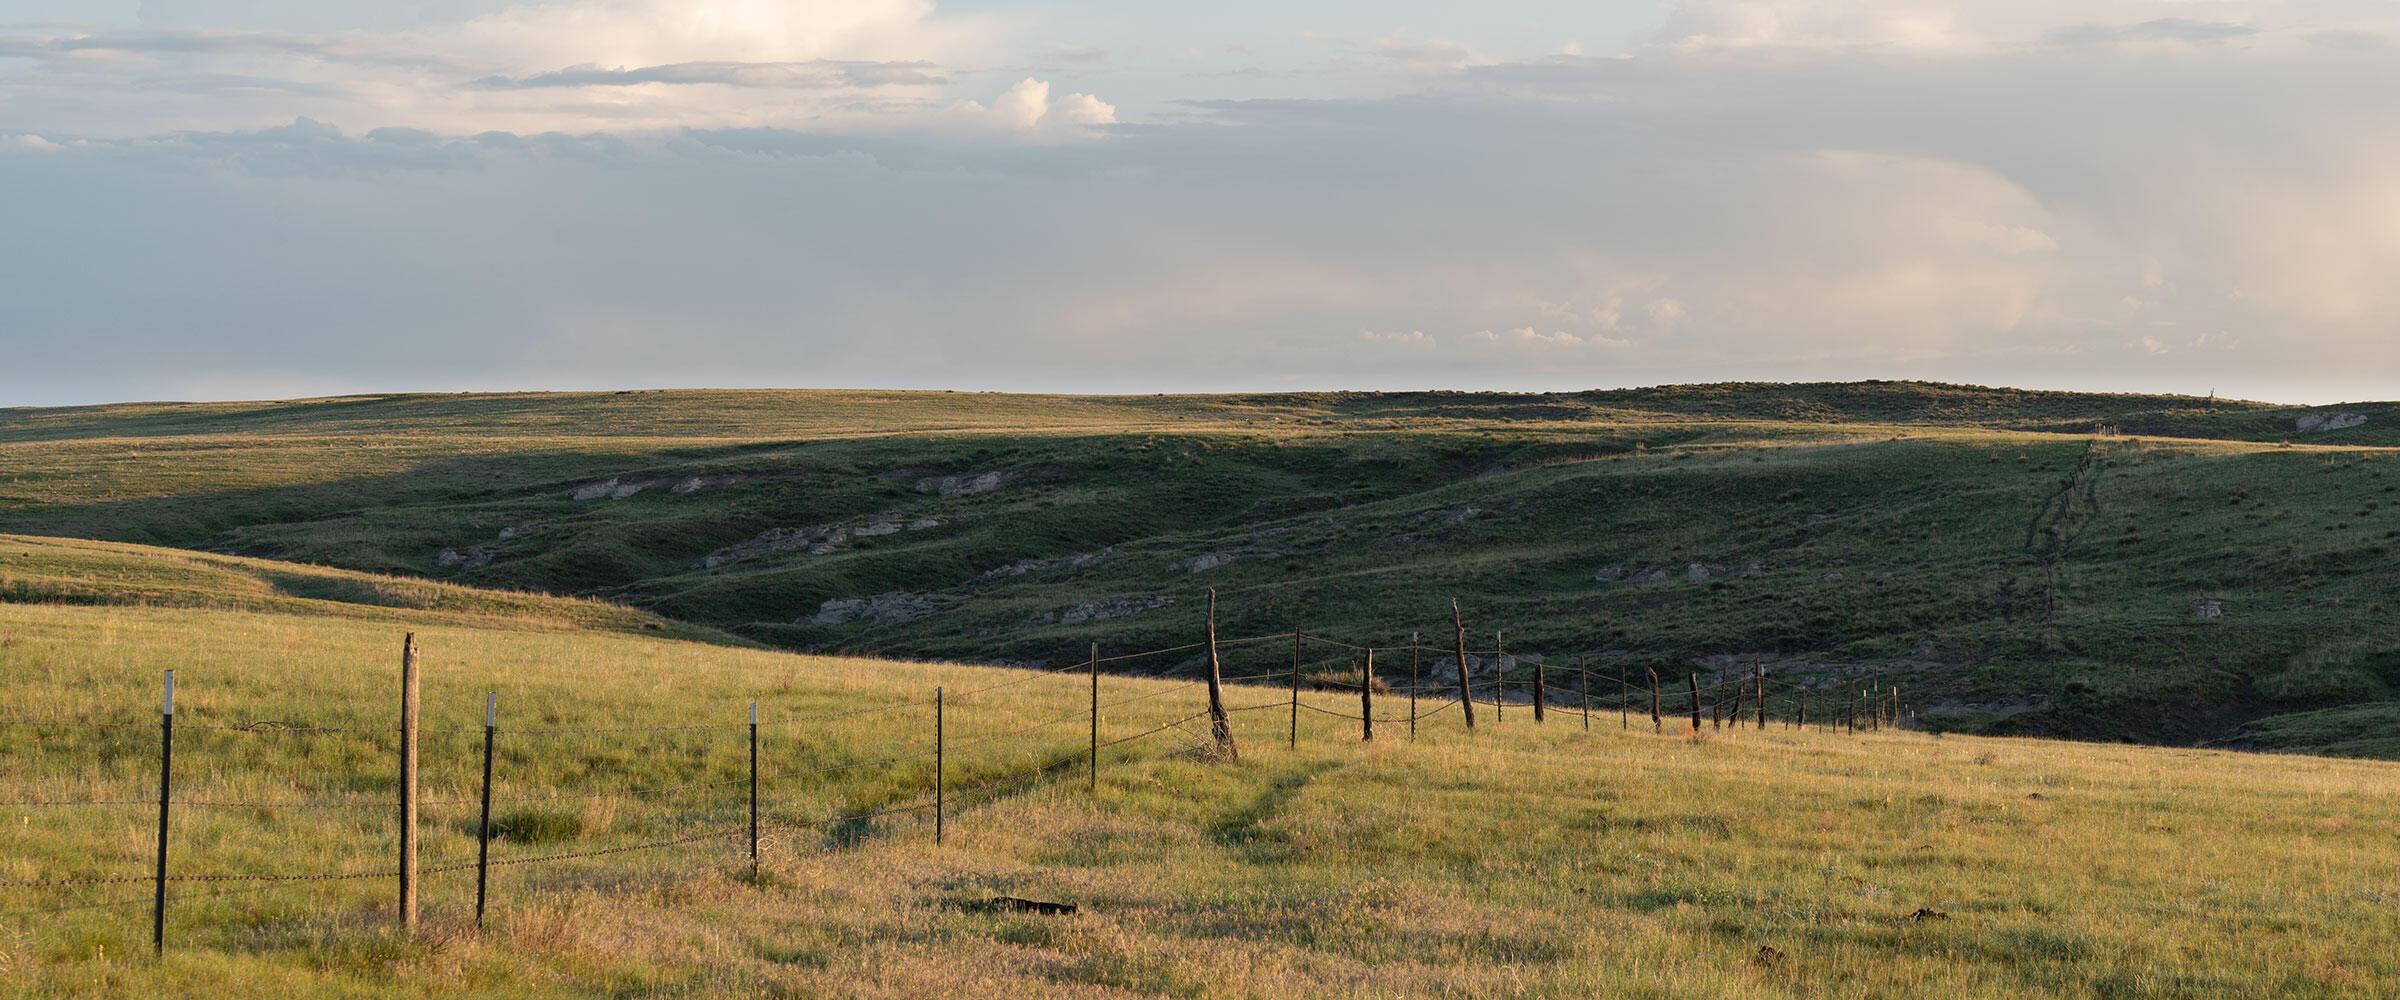 A fence runs through shortgrass prairie.